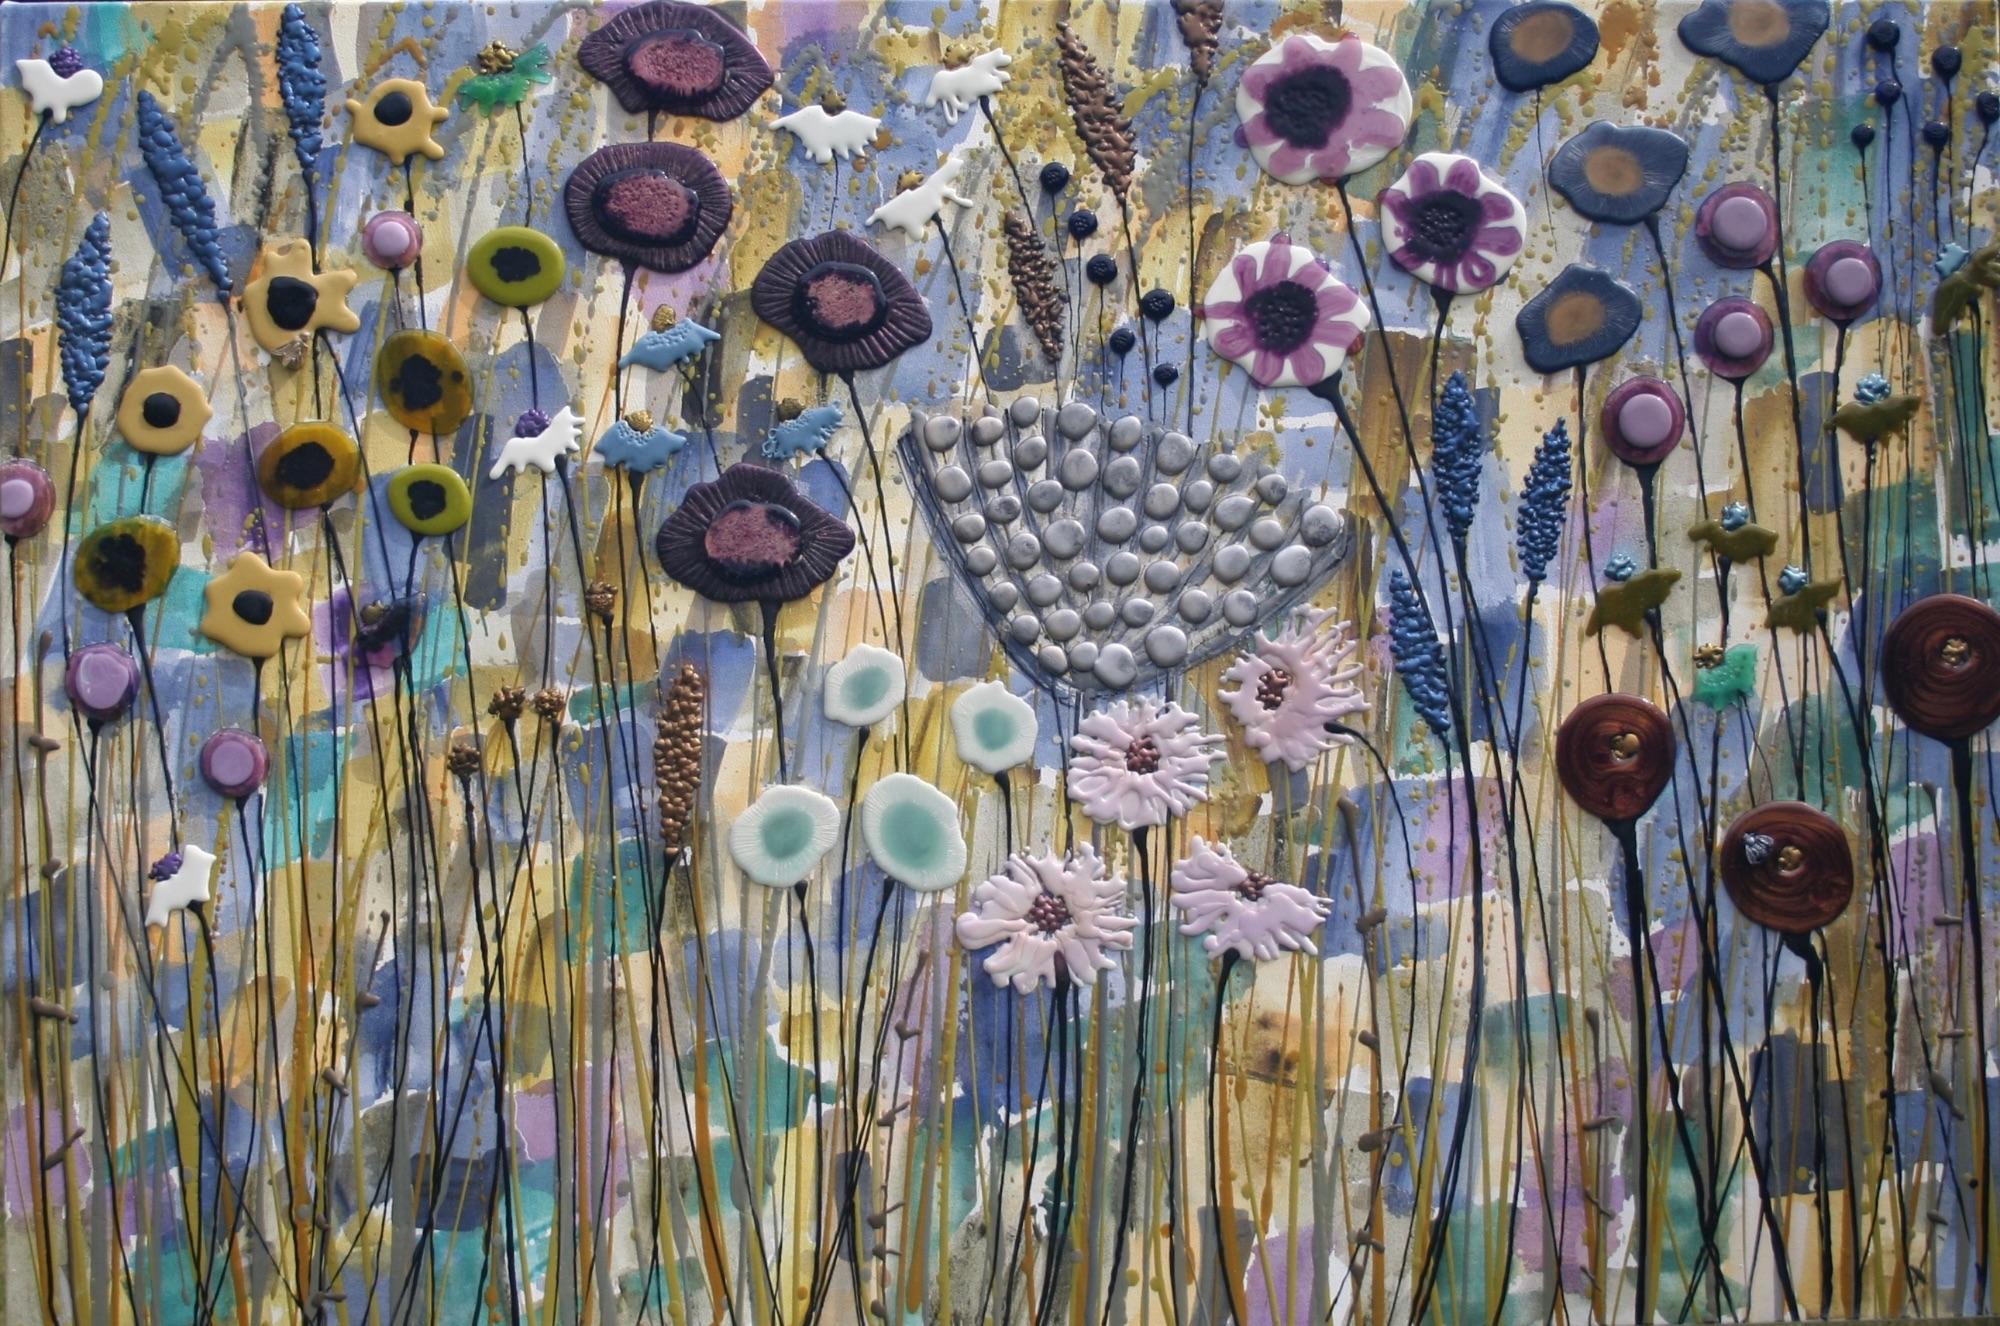 Blue & Purple Meadow - 120cm x 57cm - Beeswax & Glass on Board